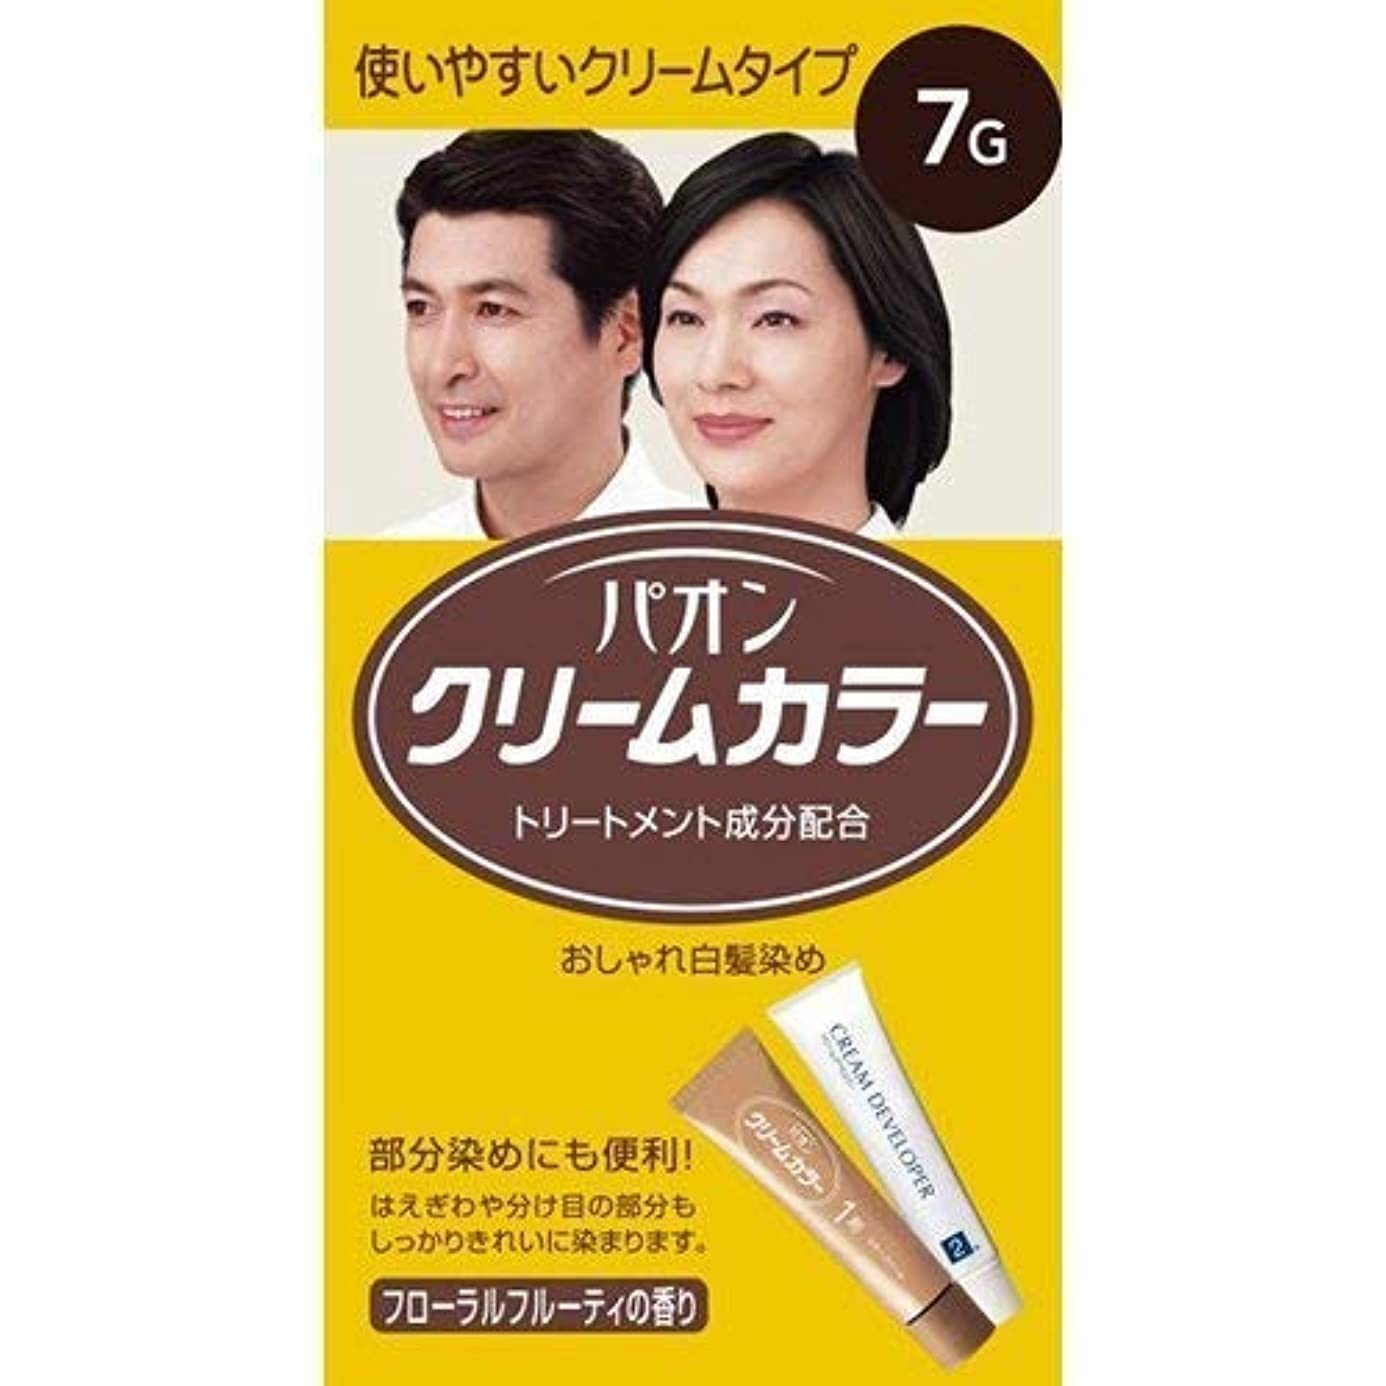 【シュワルツコフ ヘンケル】パオンクリームカラー7-G自然な黒褐色40g+40g ×20個セット